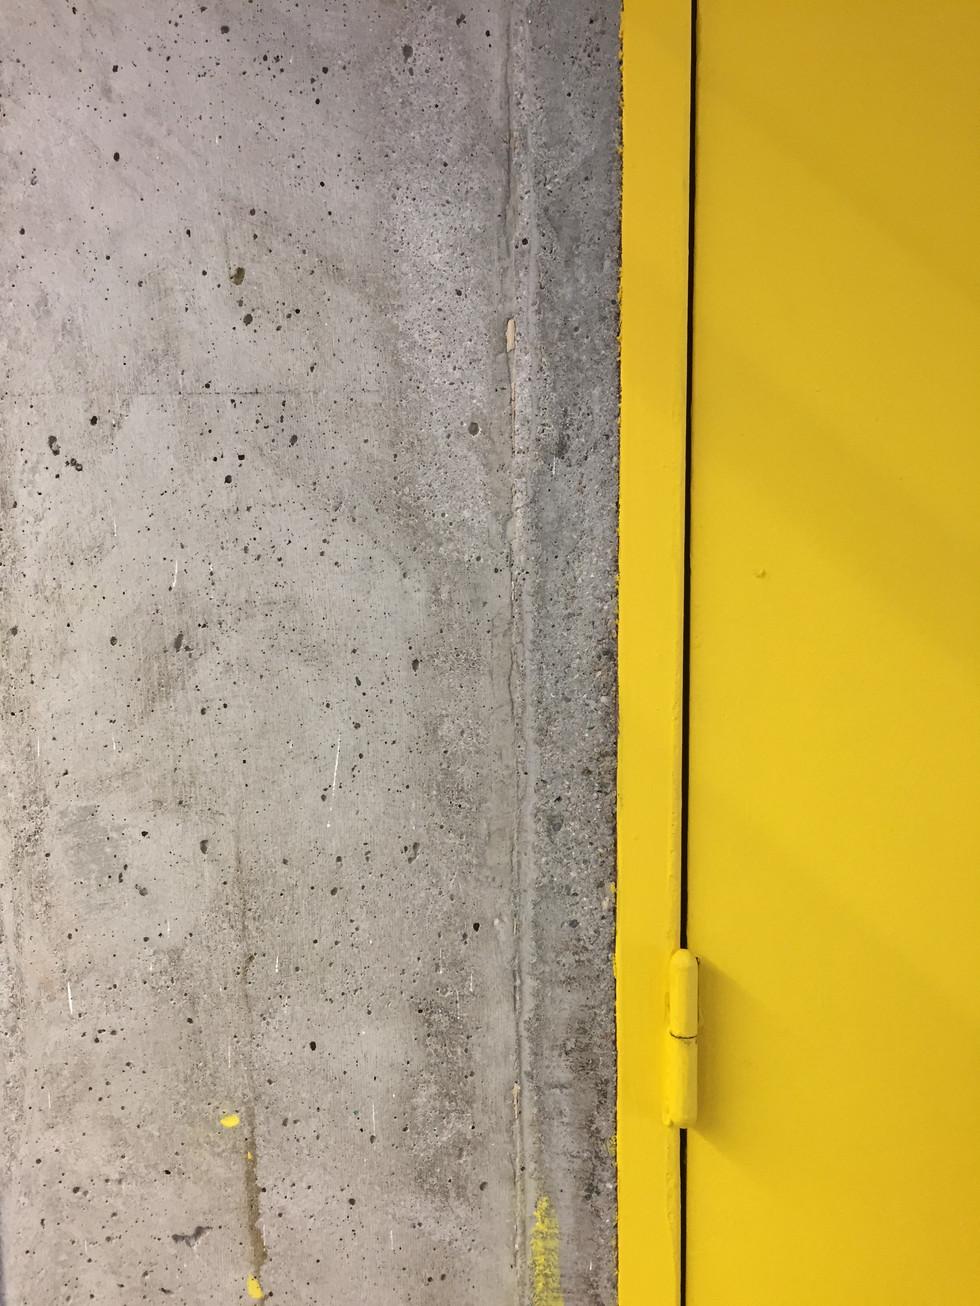 Béton et jaune - Firminy